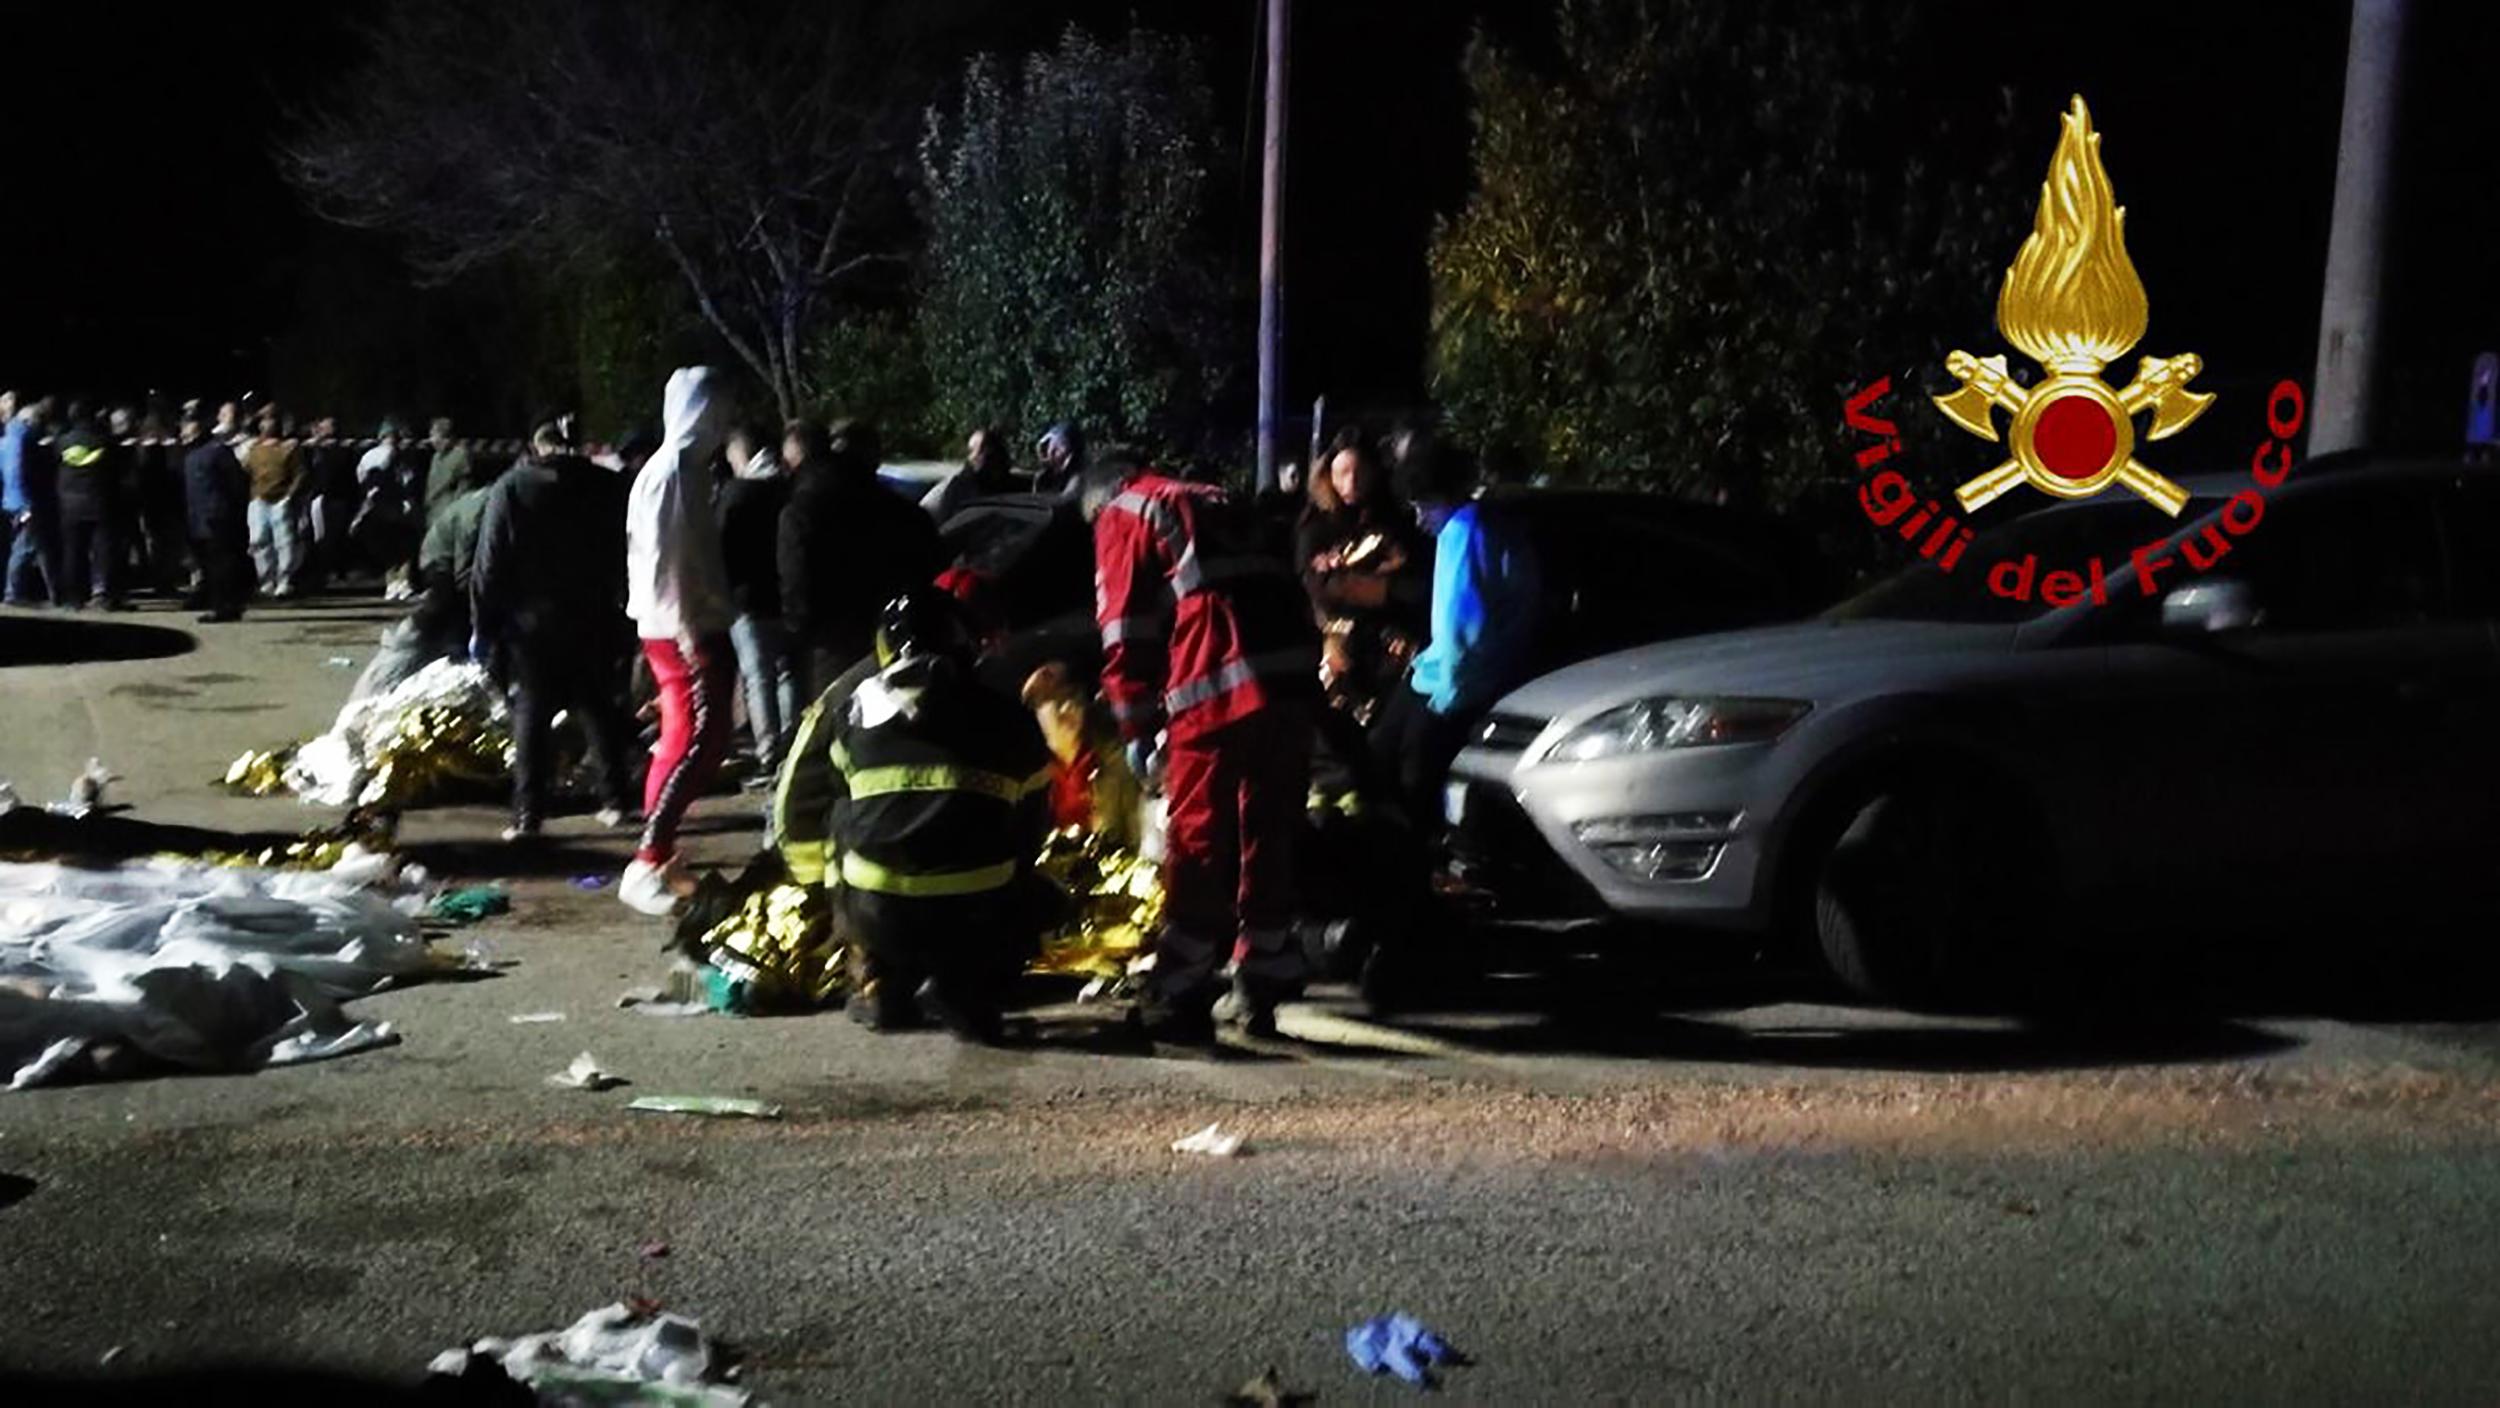 Pánik tört ki egy olasz rapper koncertjén, hat embert halálra tapostak